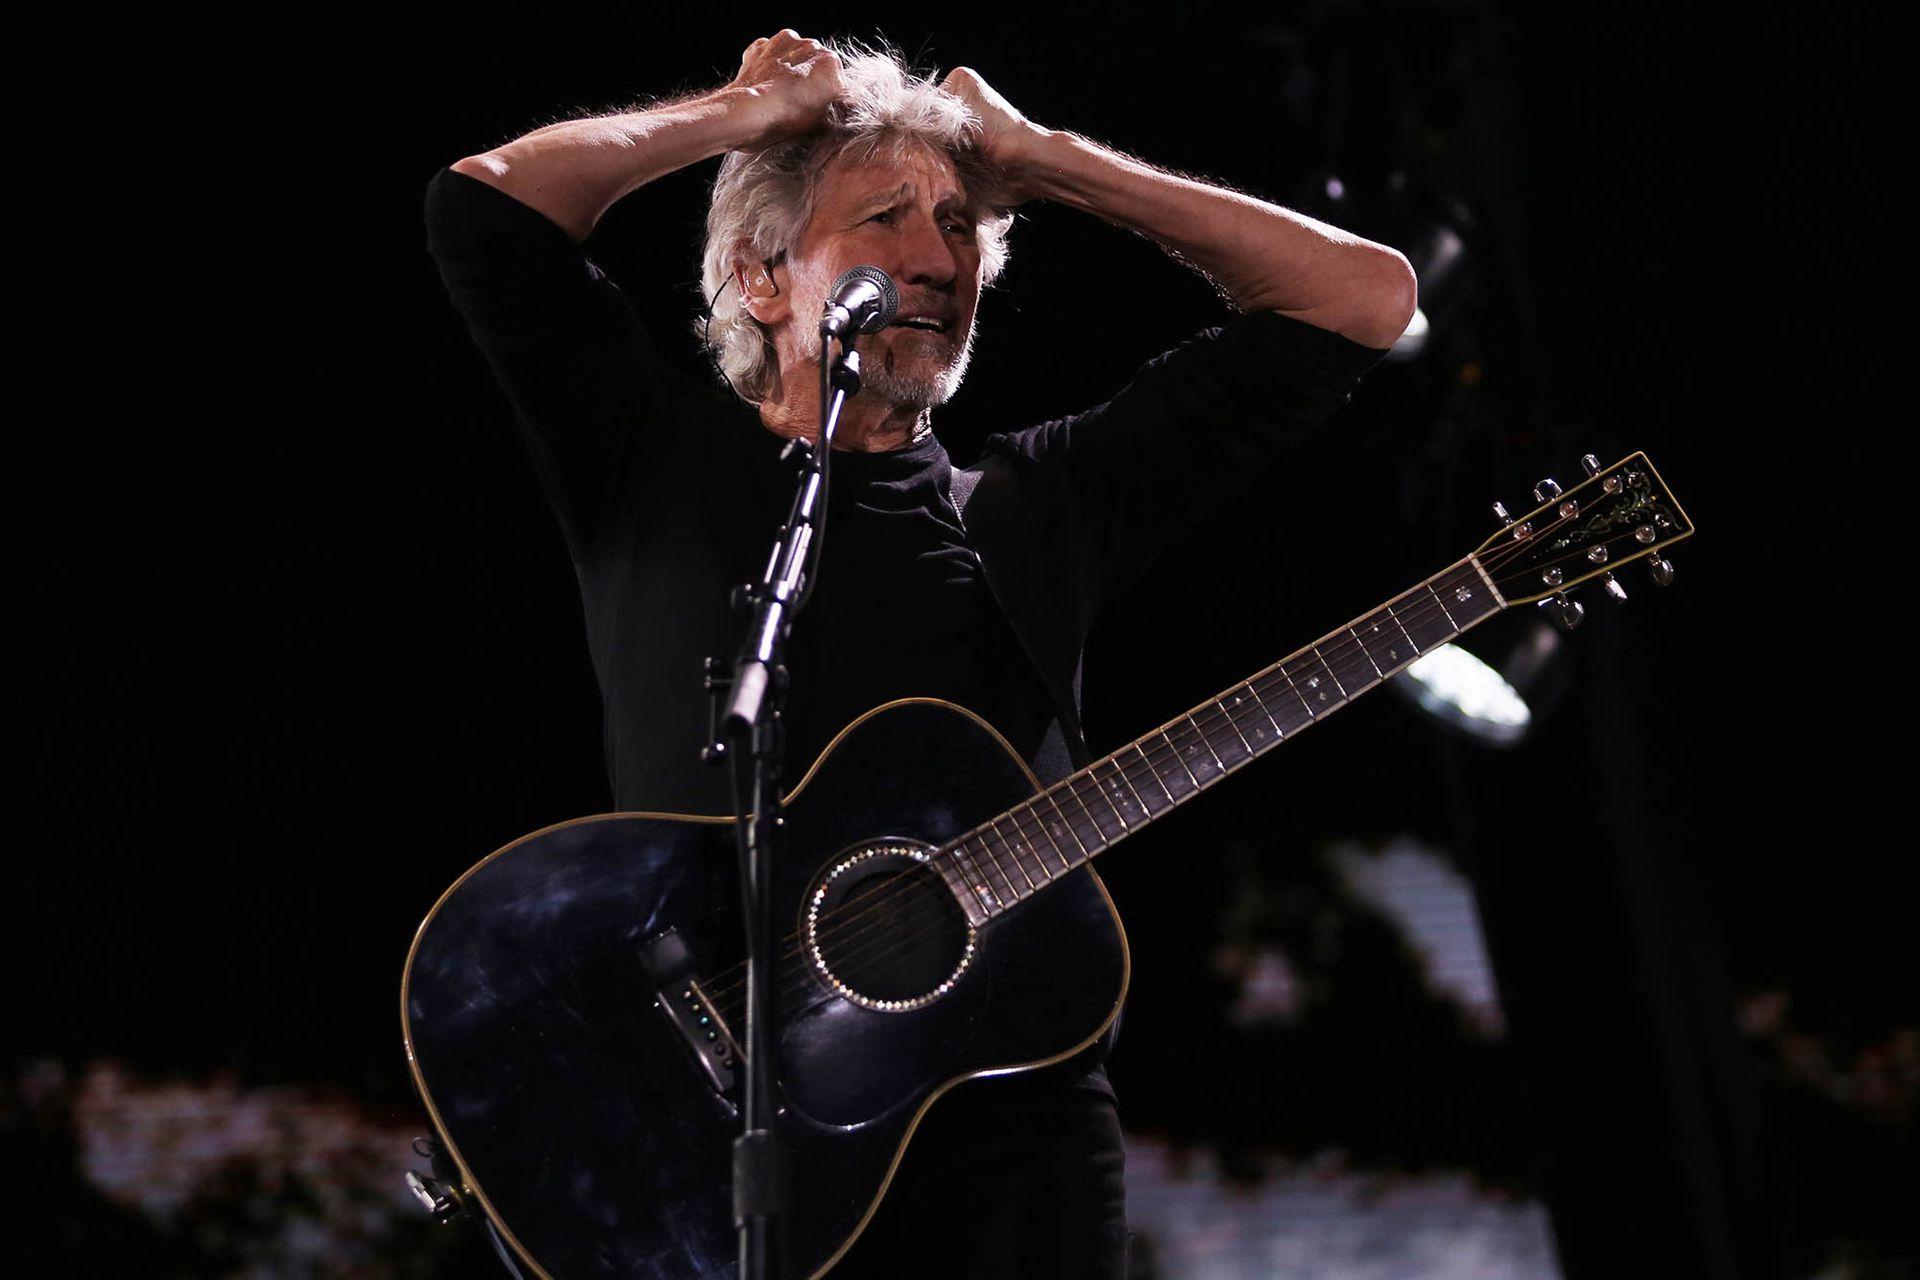 Roger Waters tomó la decisión de publicar los textos del biógrafo oficial de Pink Floyd con relación a cómo fue el proceso compositivo de Animals